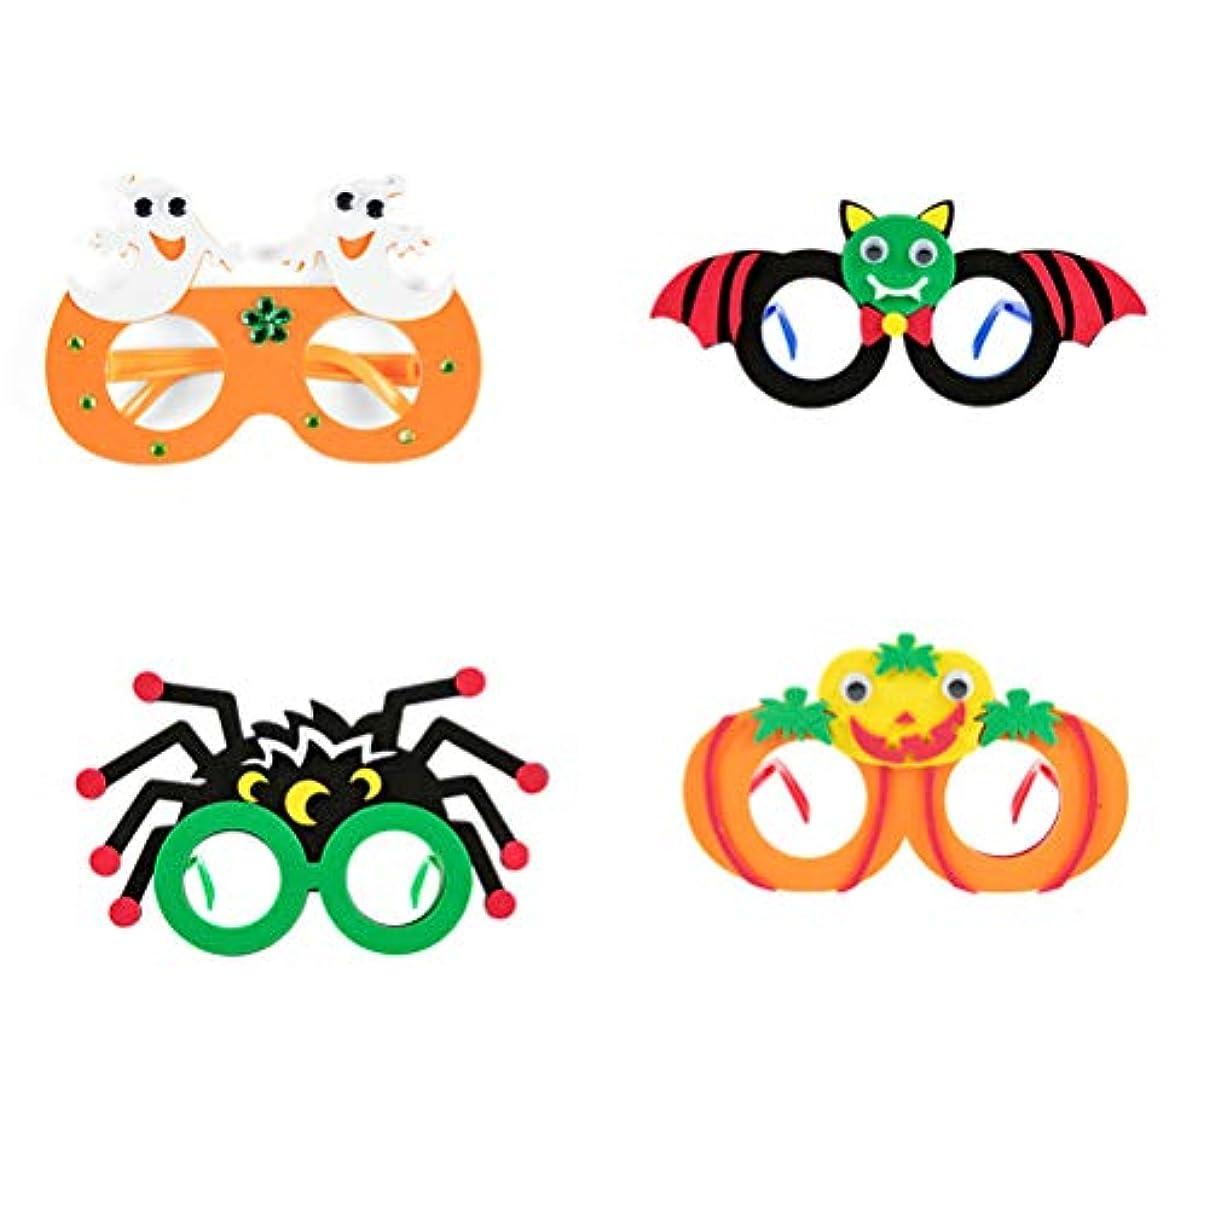 コンソール投票無視AMOSFUN 4ピースハロウィンパーティーガラス用子供パンプキンバットゴーストスパイダー眼鏡トリッキーないたずらプロップドレスアップパーティー衣装子供のため